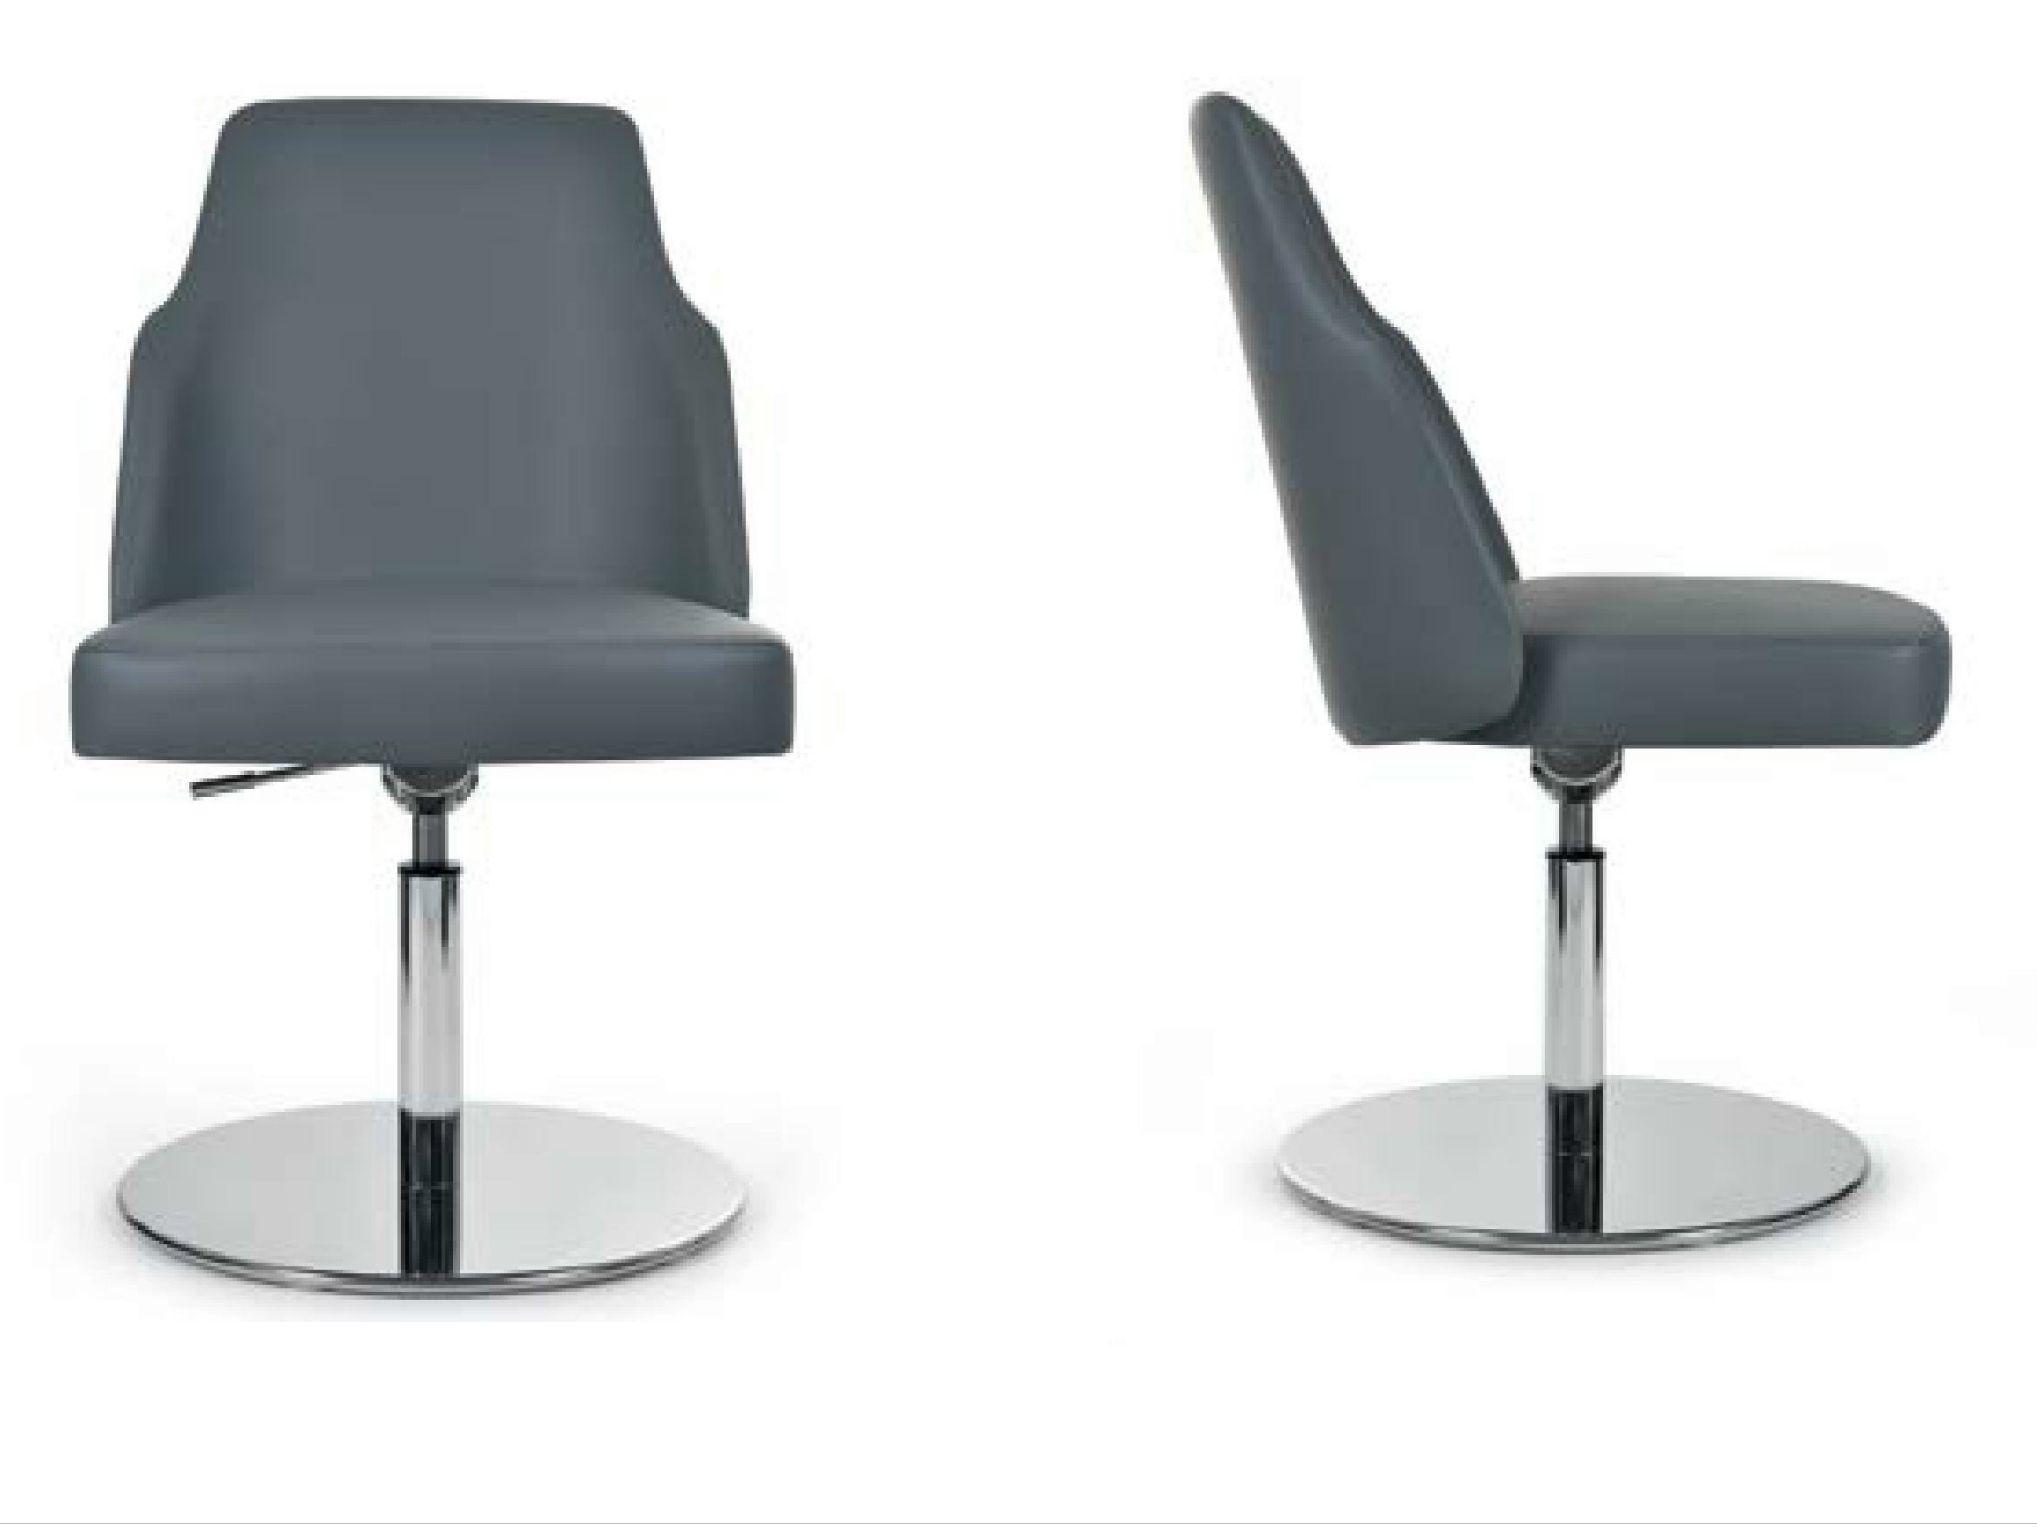 Mia round sedia girevole by riccardo rivoli design for Sedia girevole